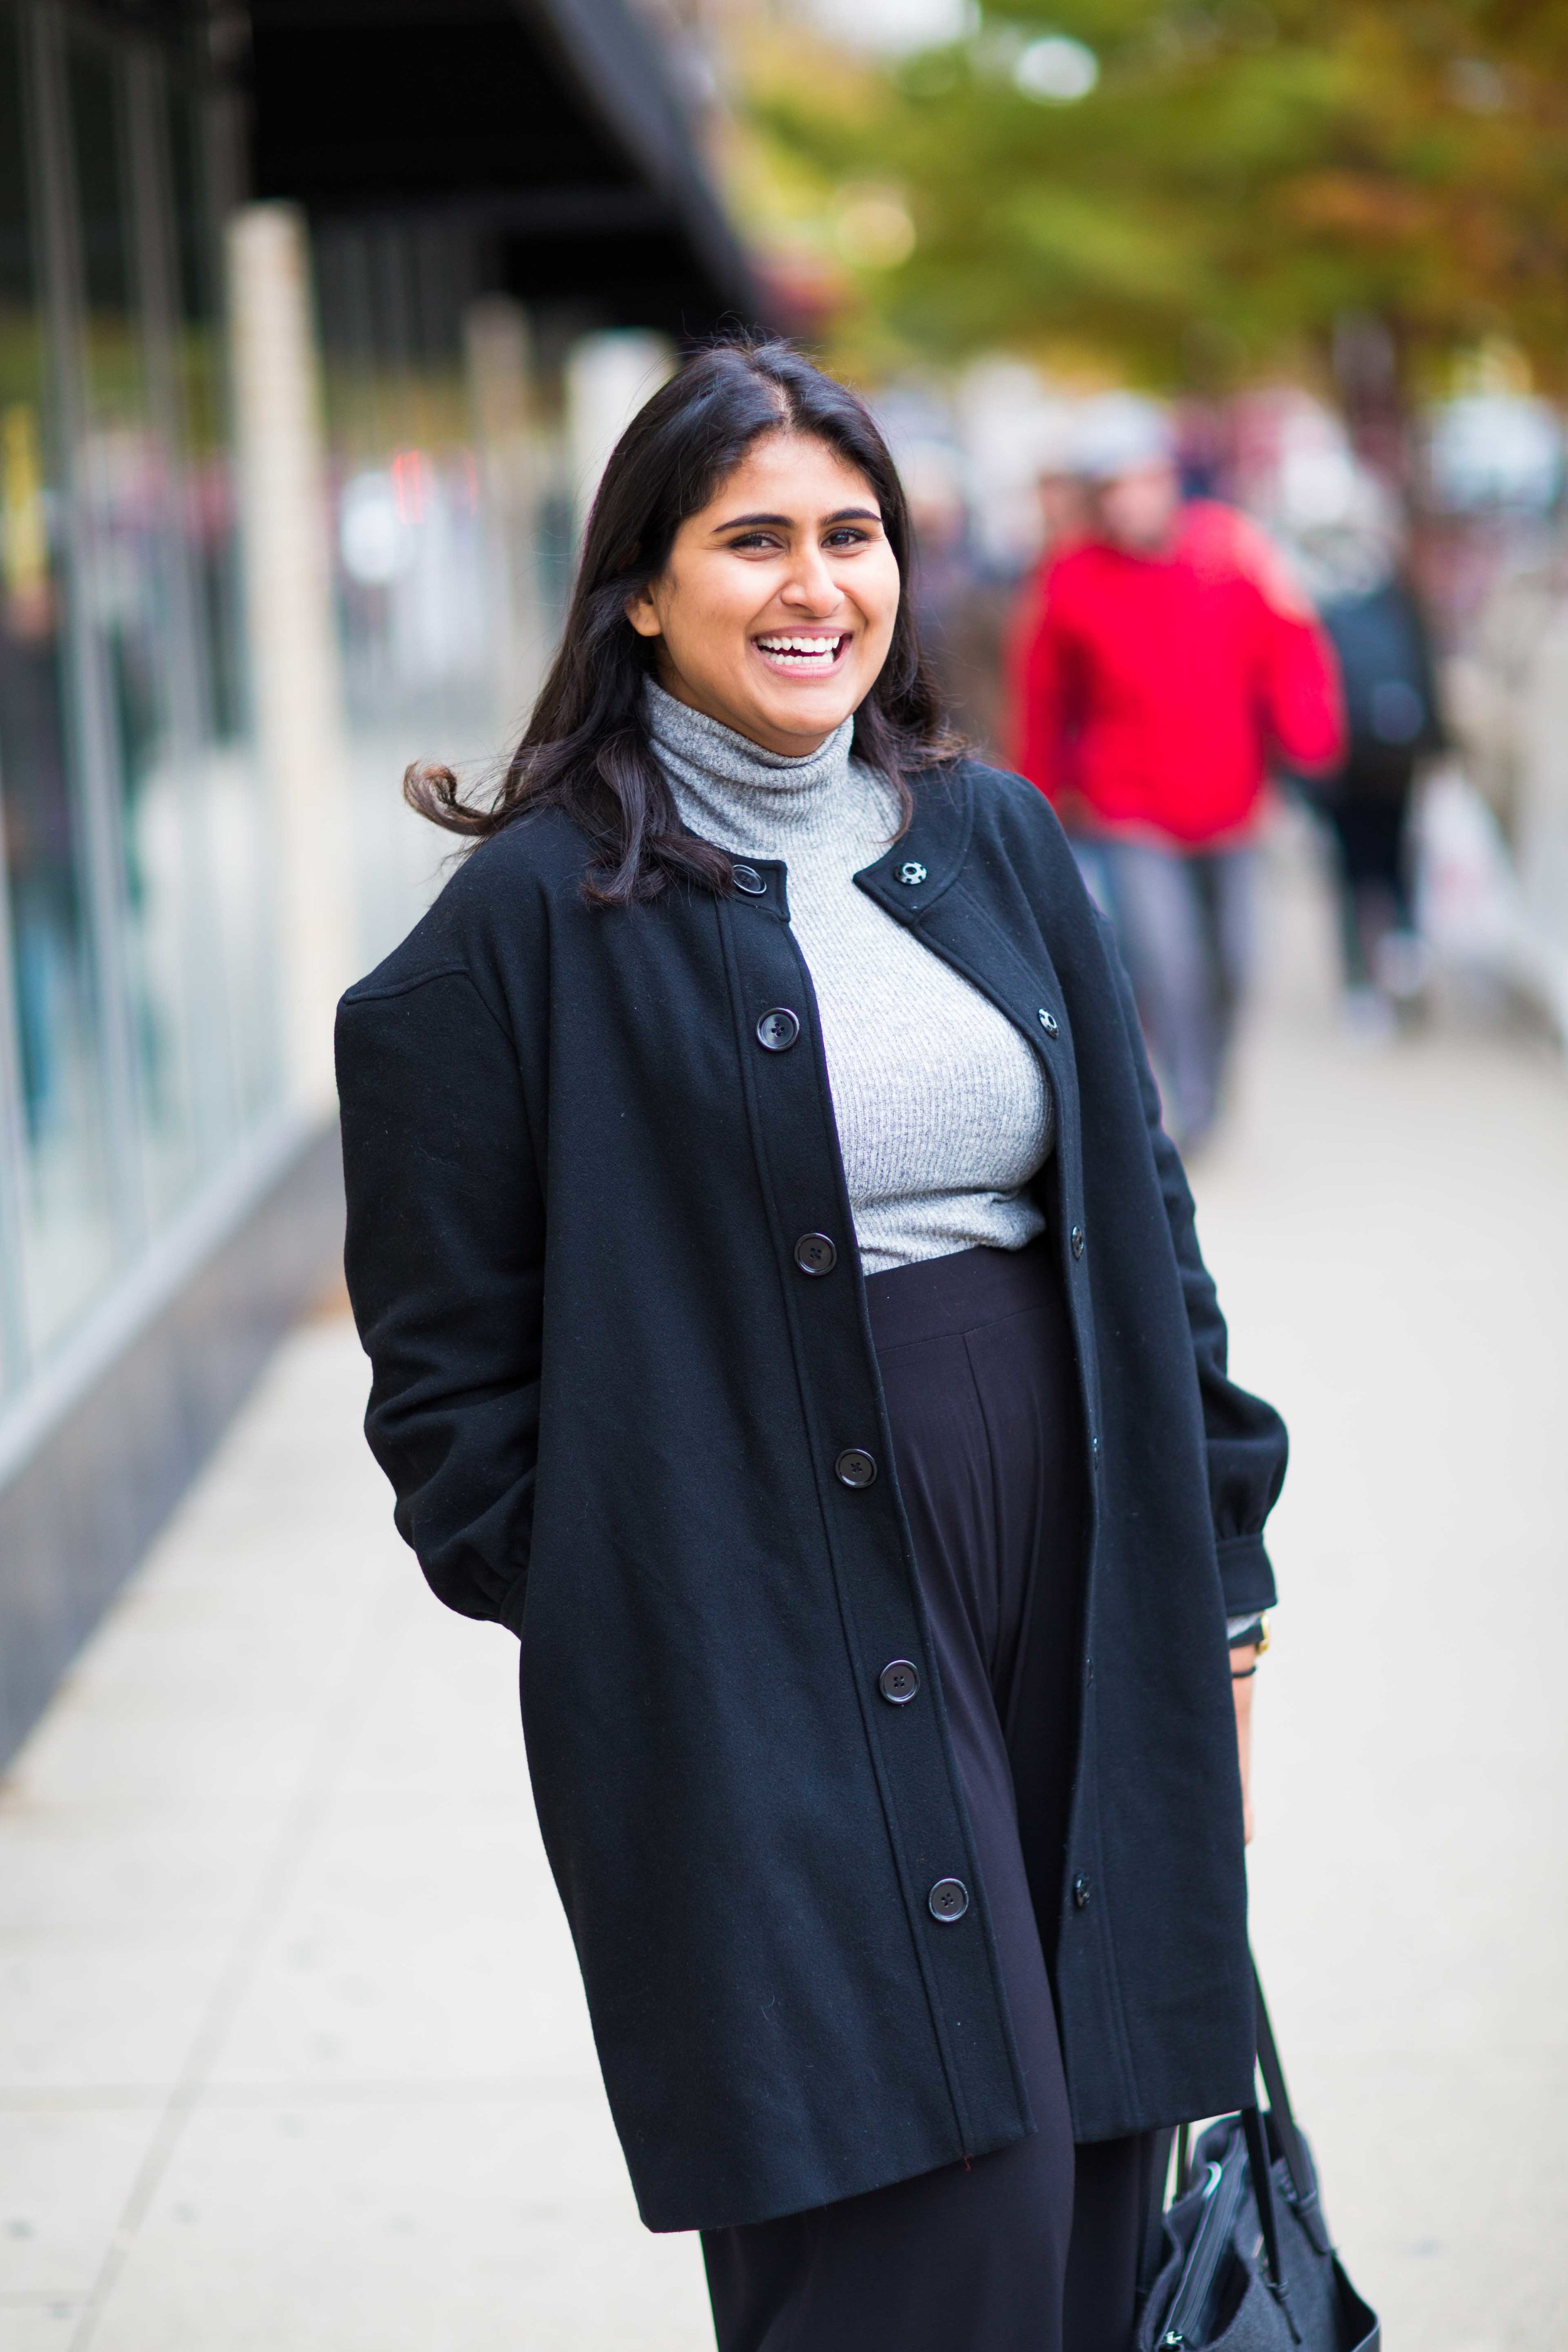 Shamaila Ashraf